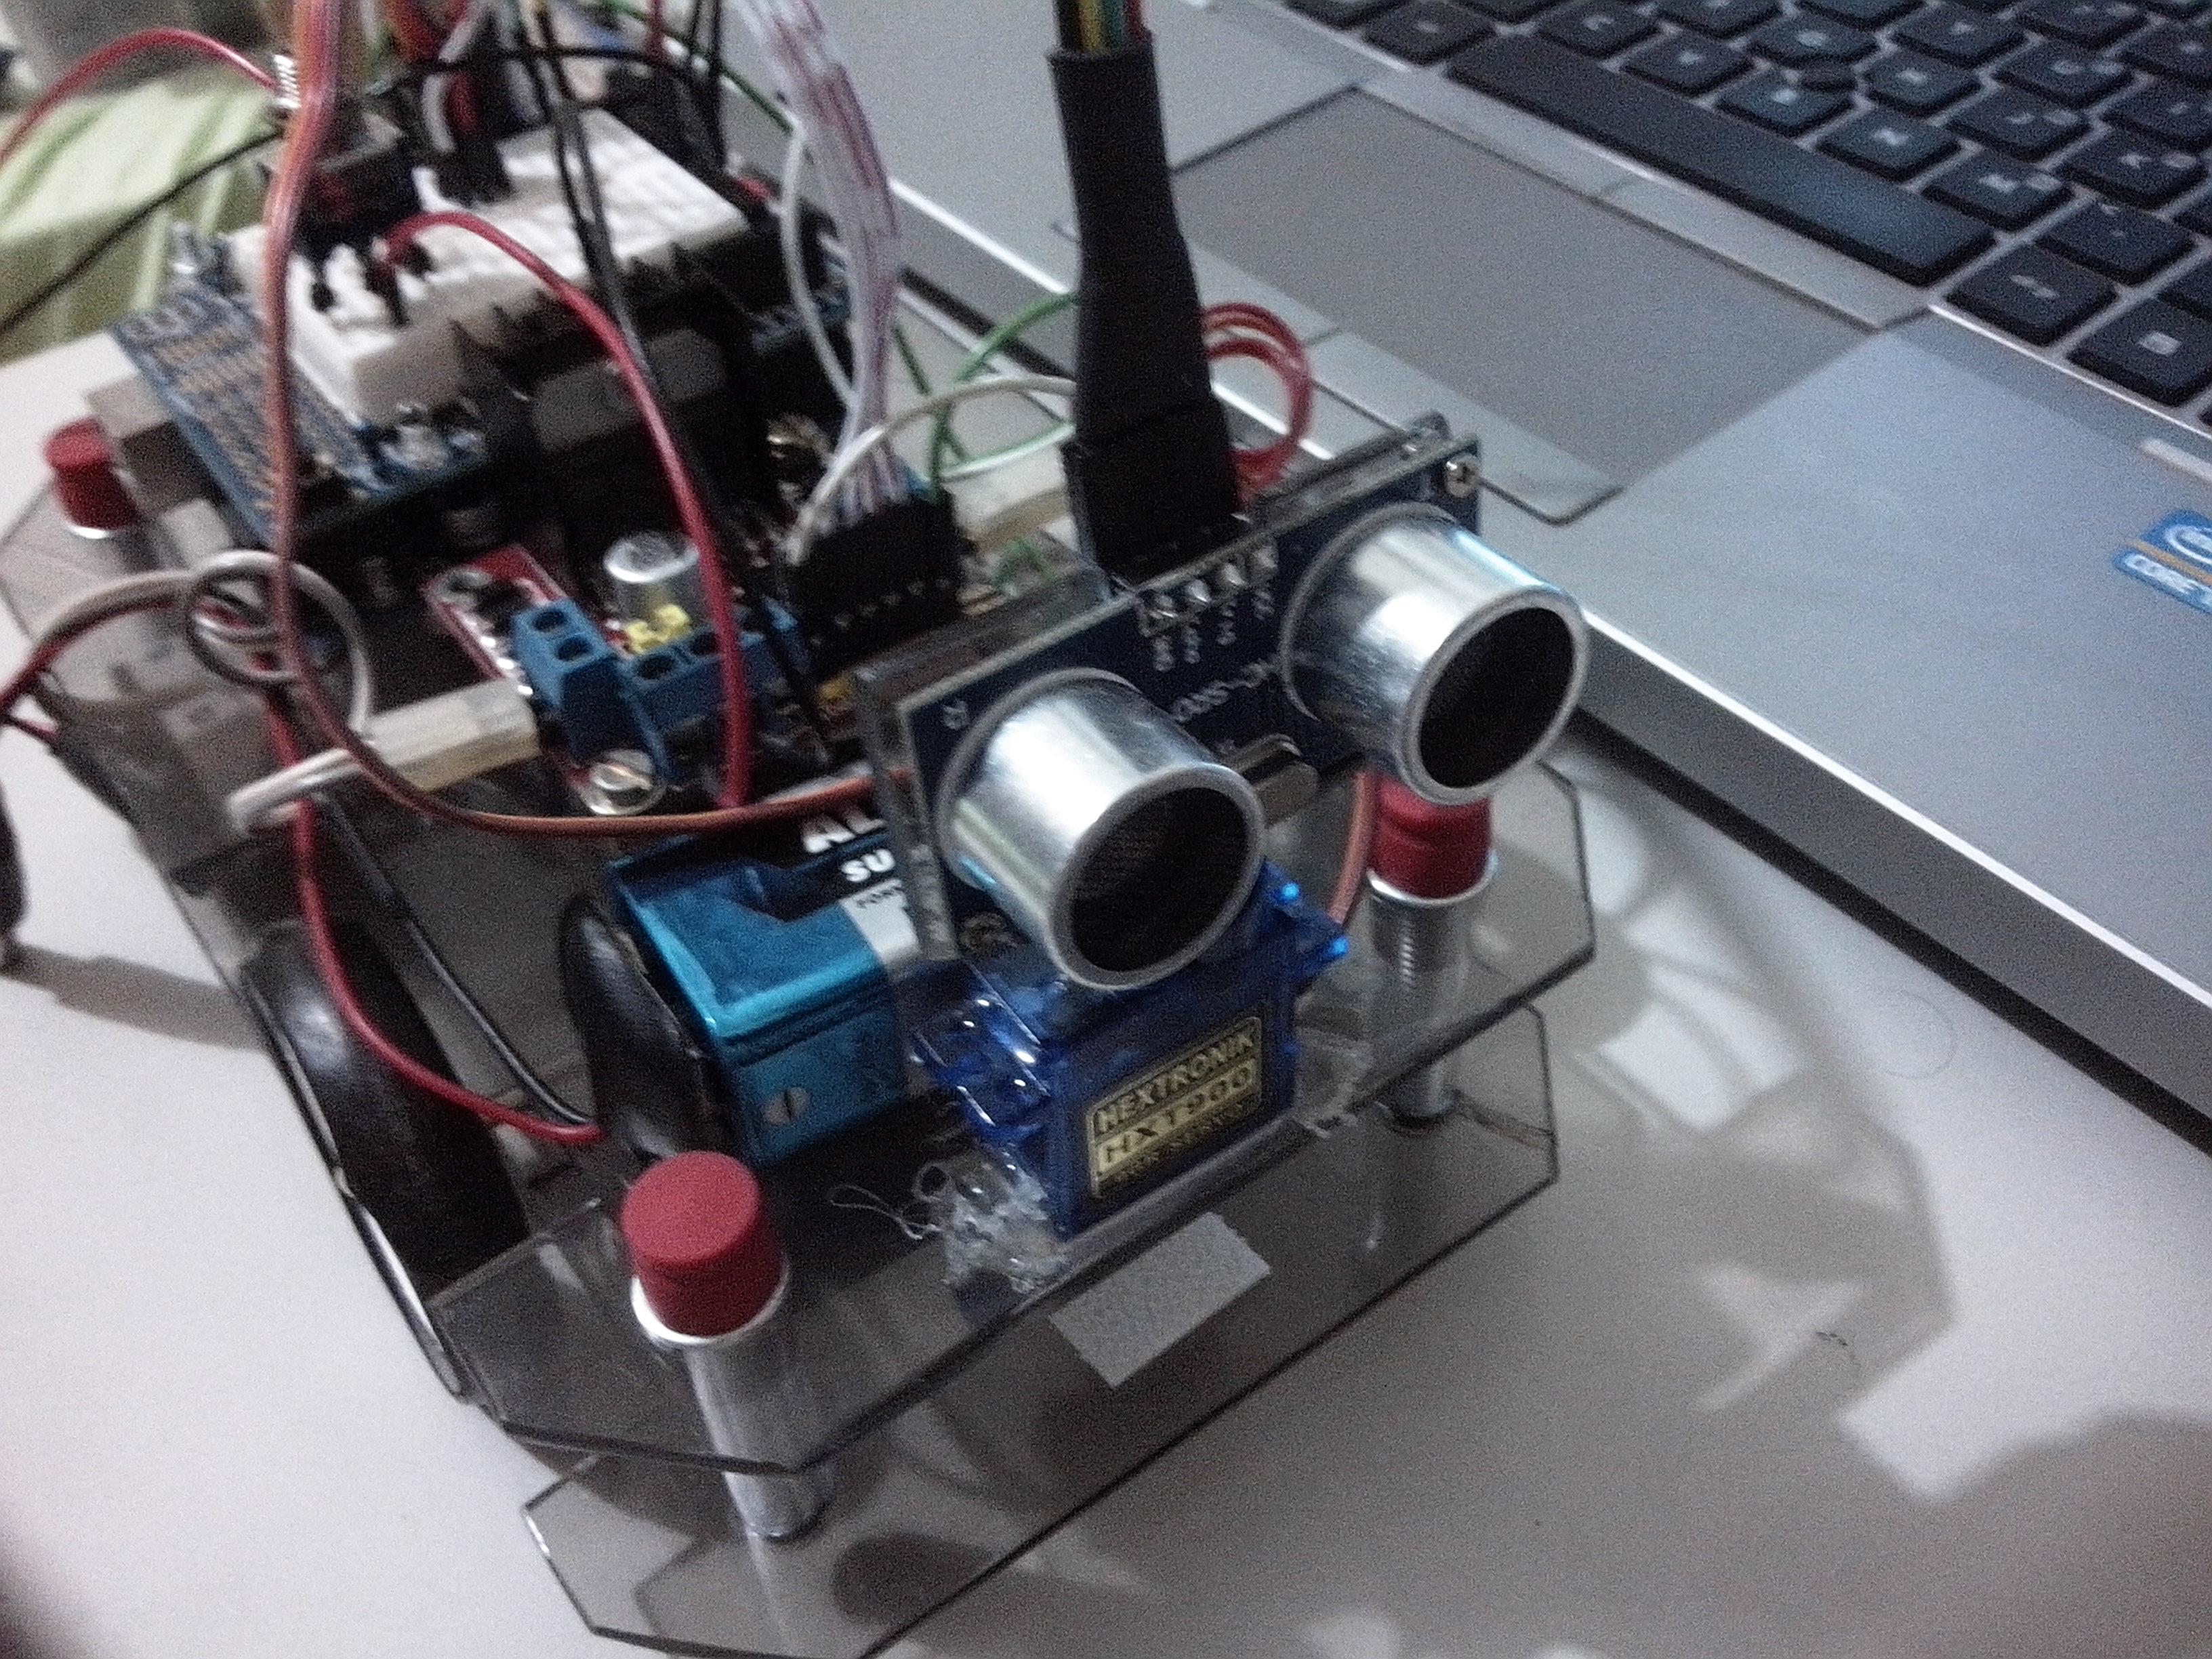 PINGBot - Explorer Robot